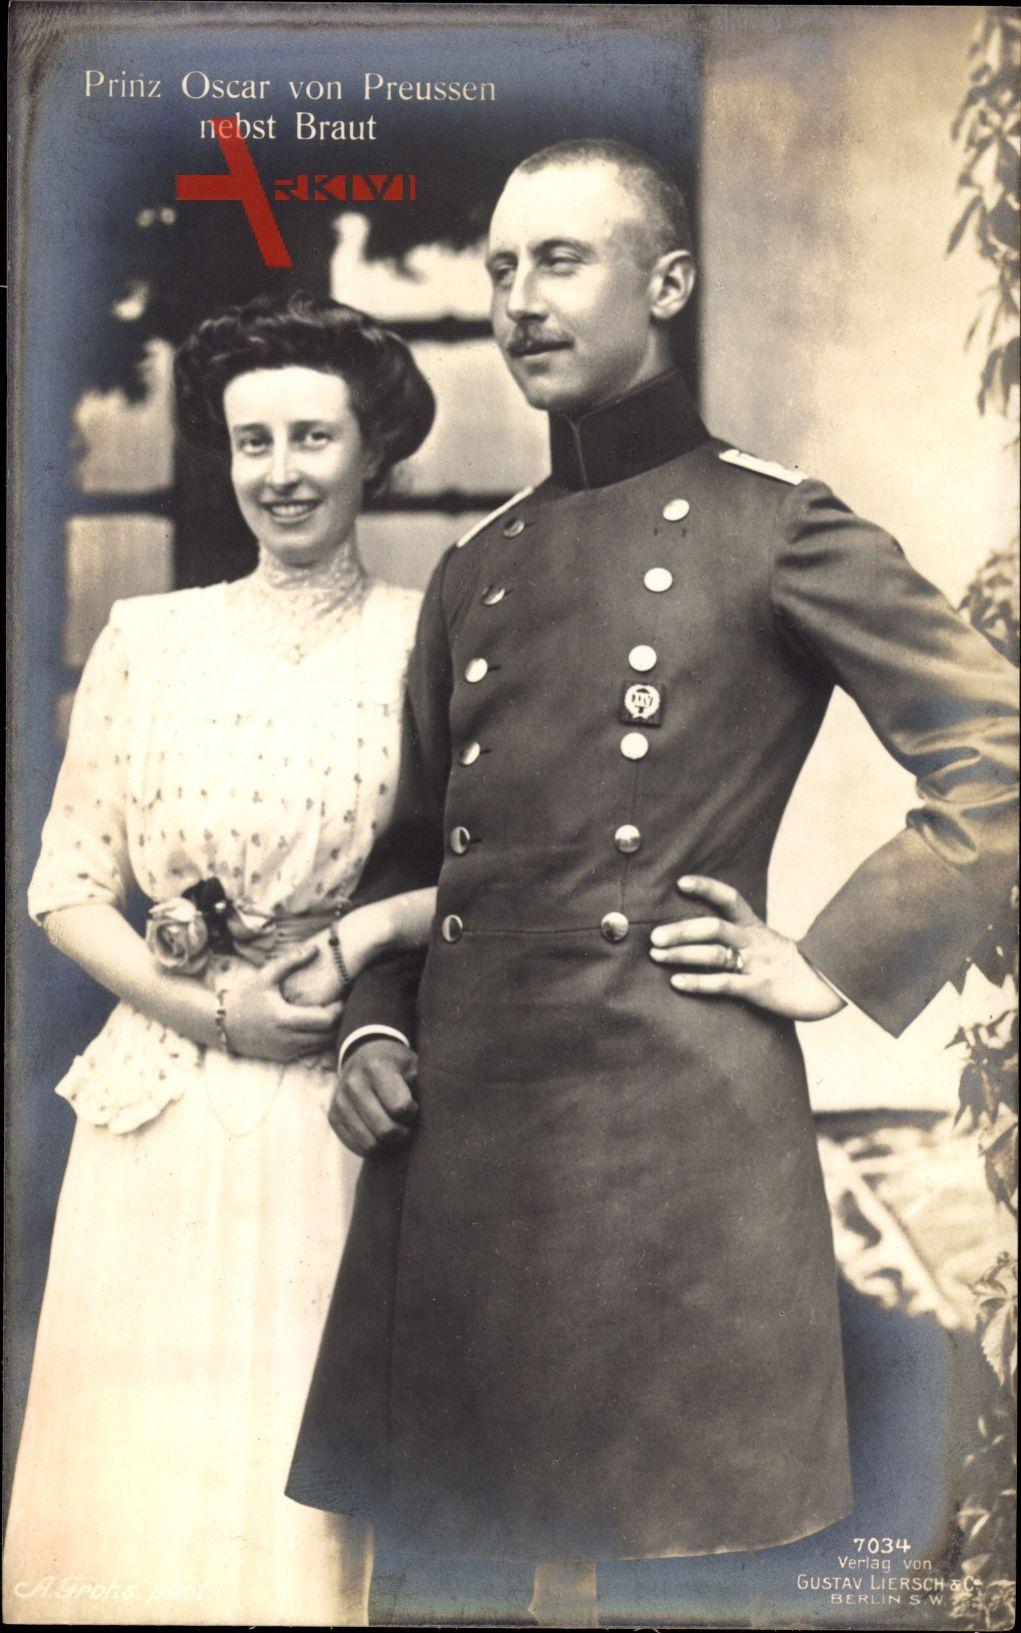 Oskar Prinz von Preussen, Gräfin Ina Marie von Bassewitz, Liersch 7034